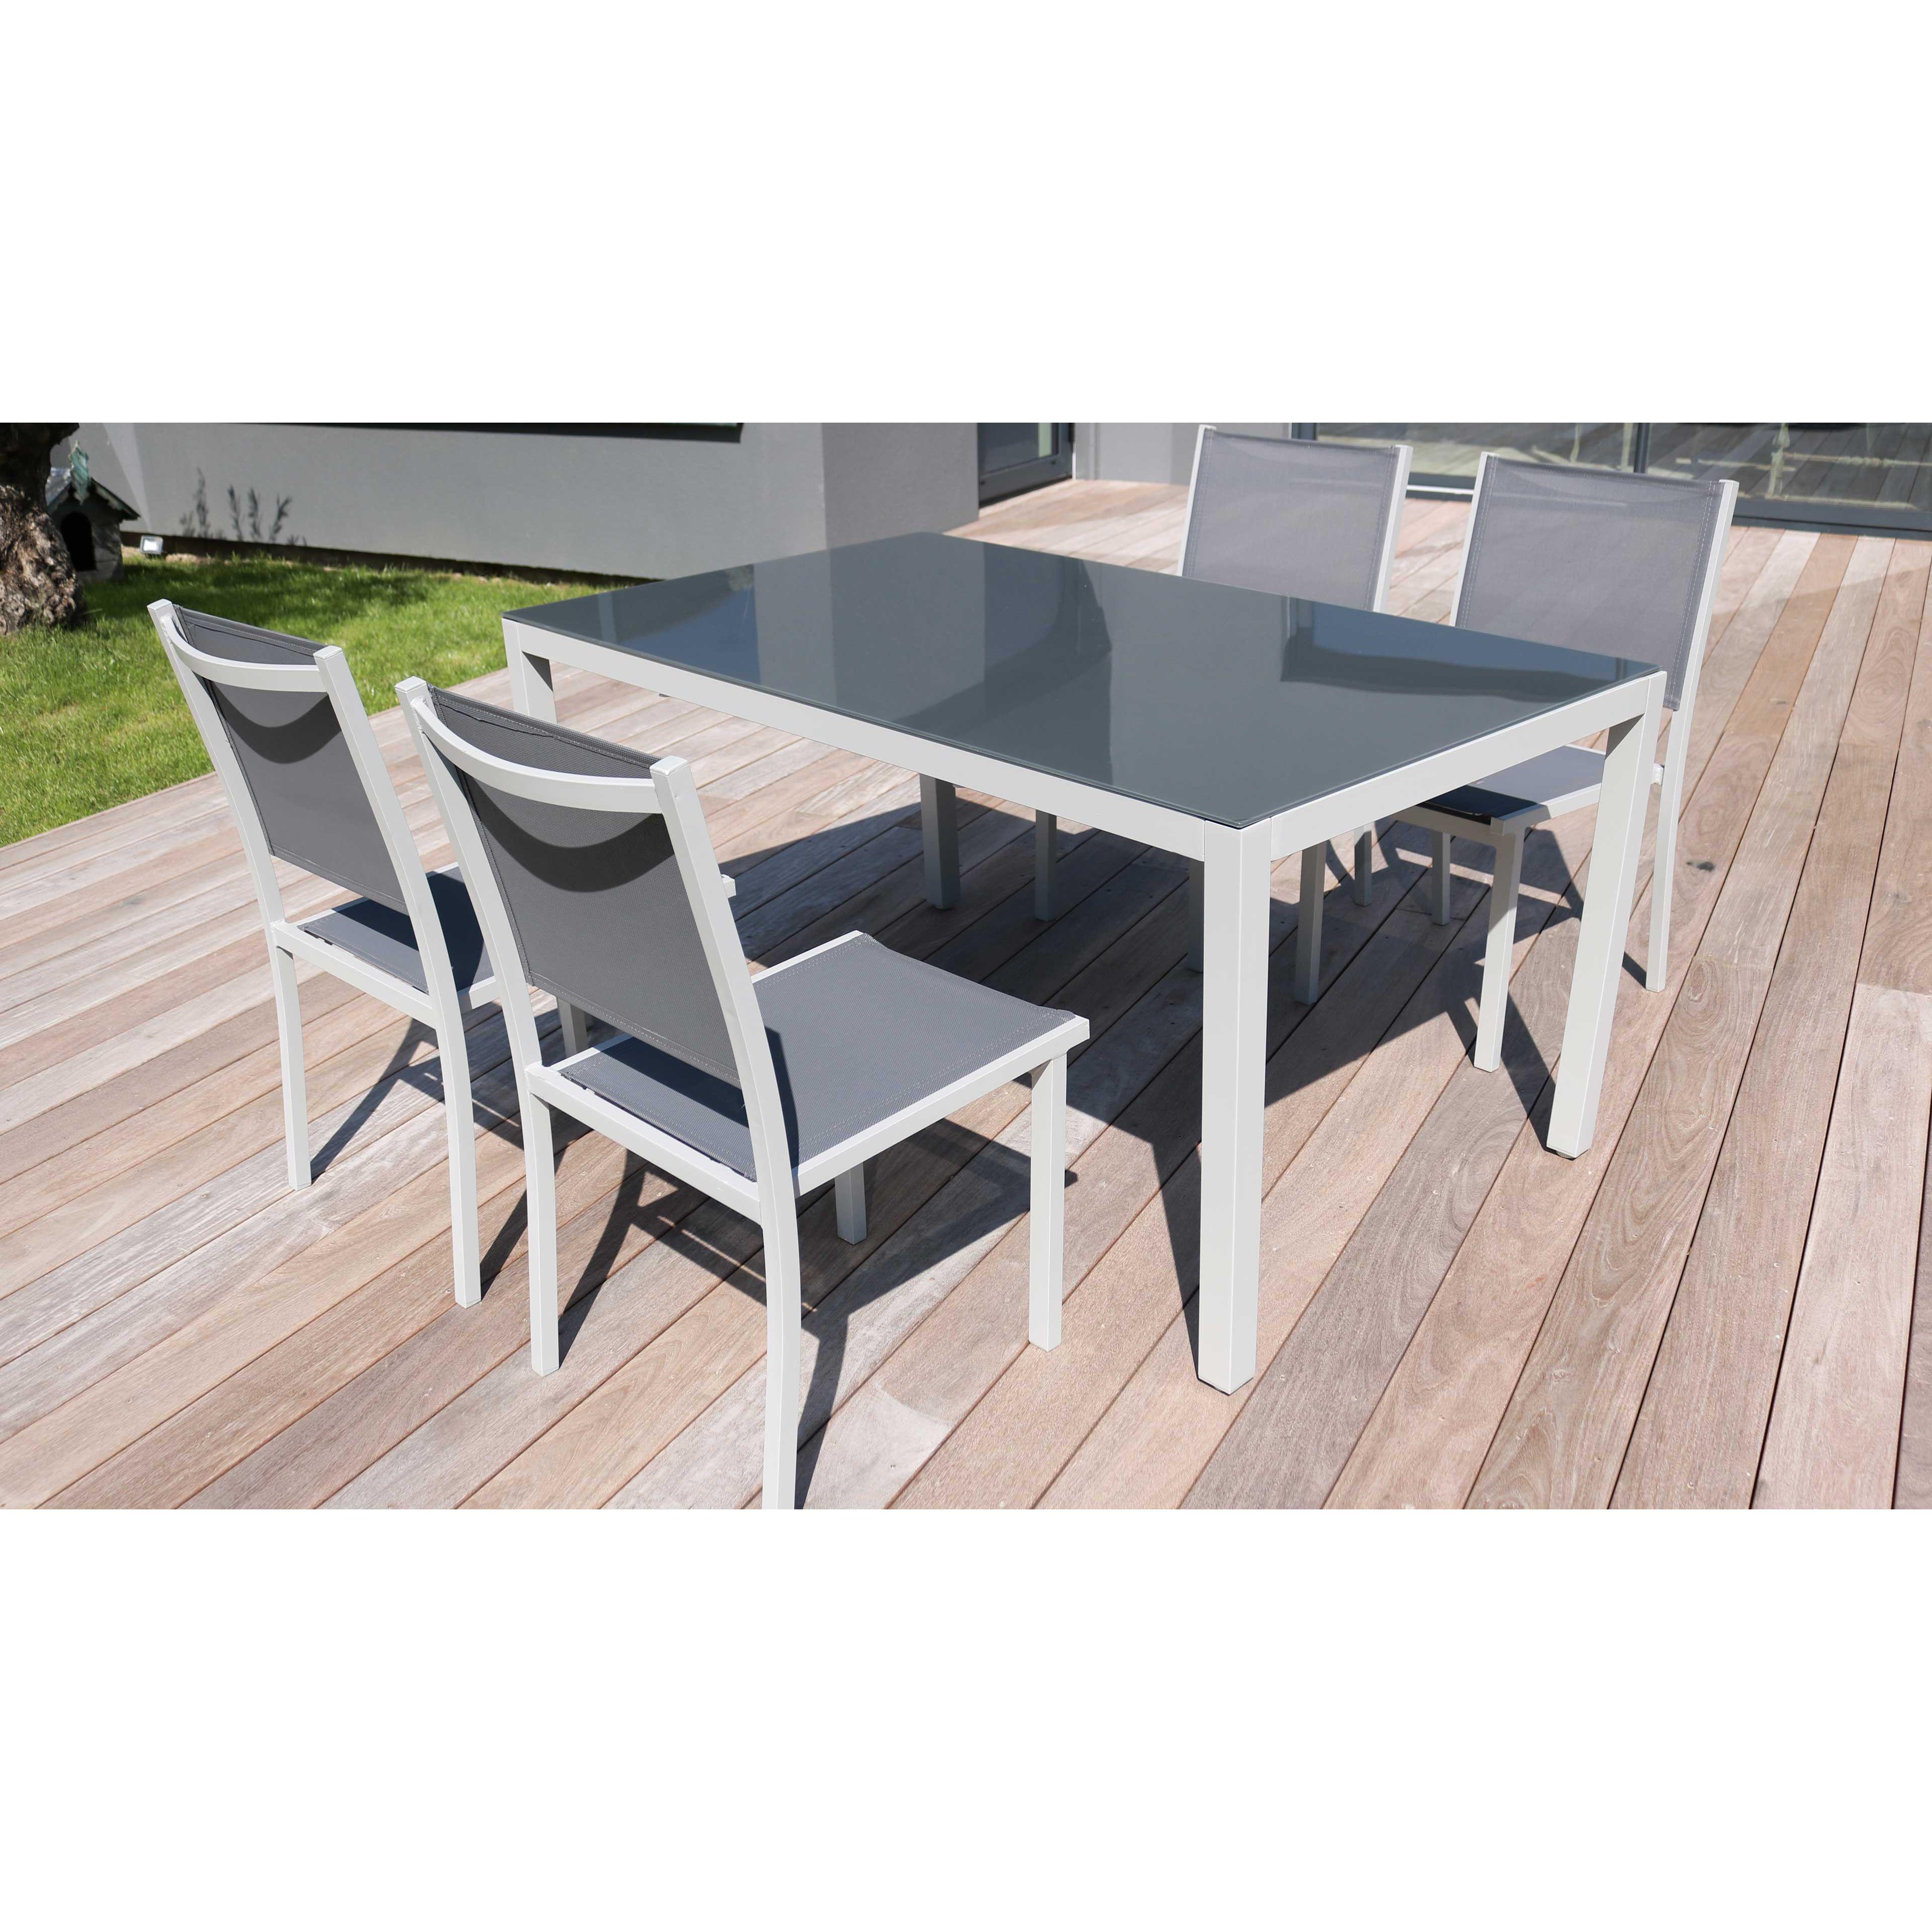 salon de jardin aluminium table de jardin 6 places